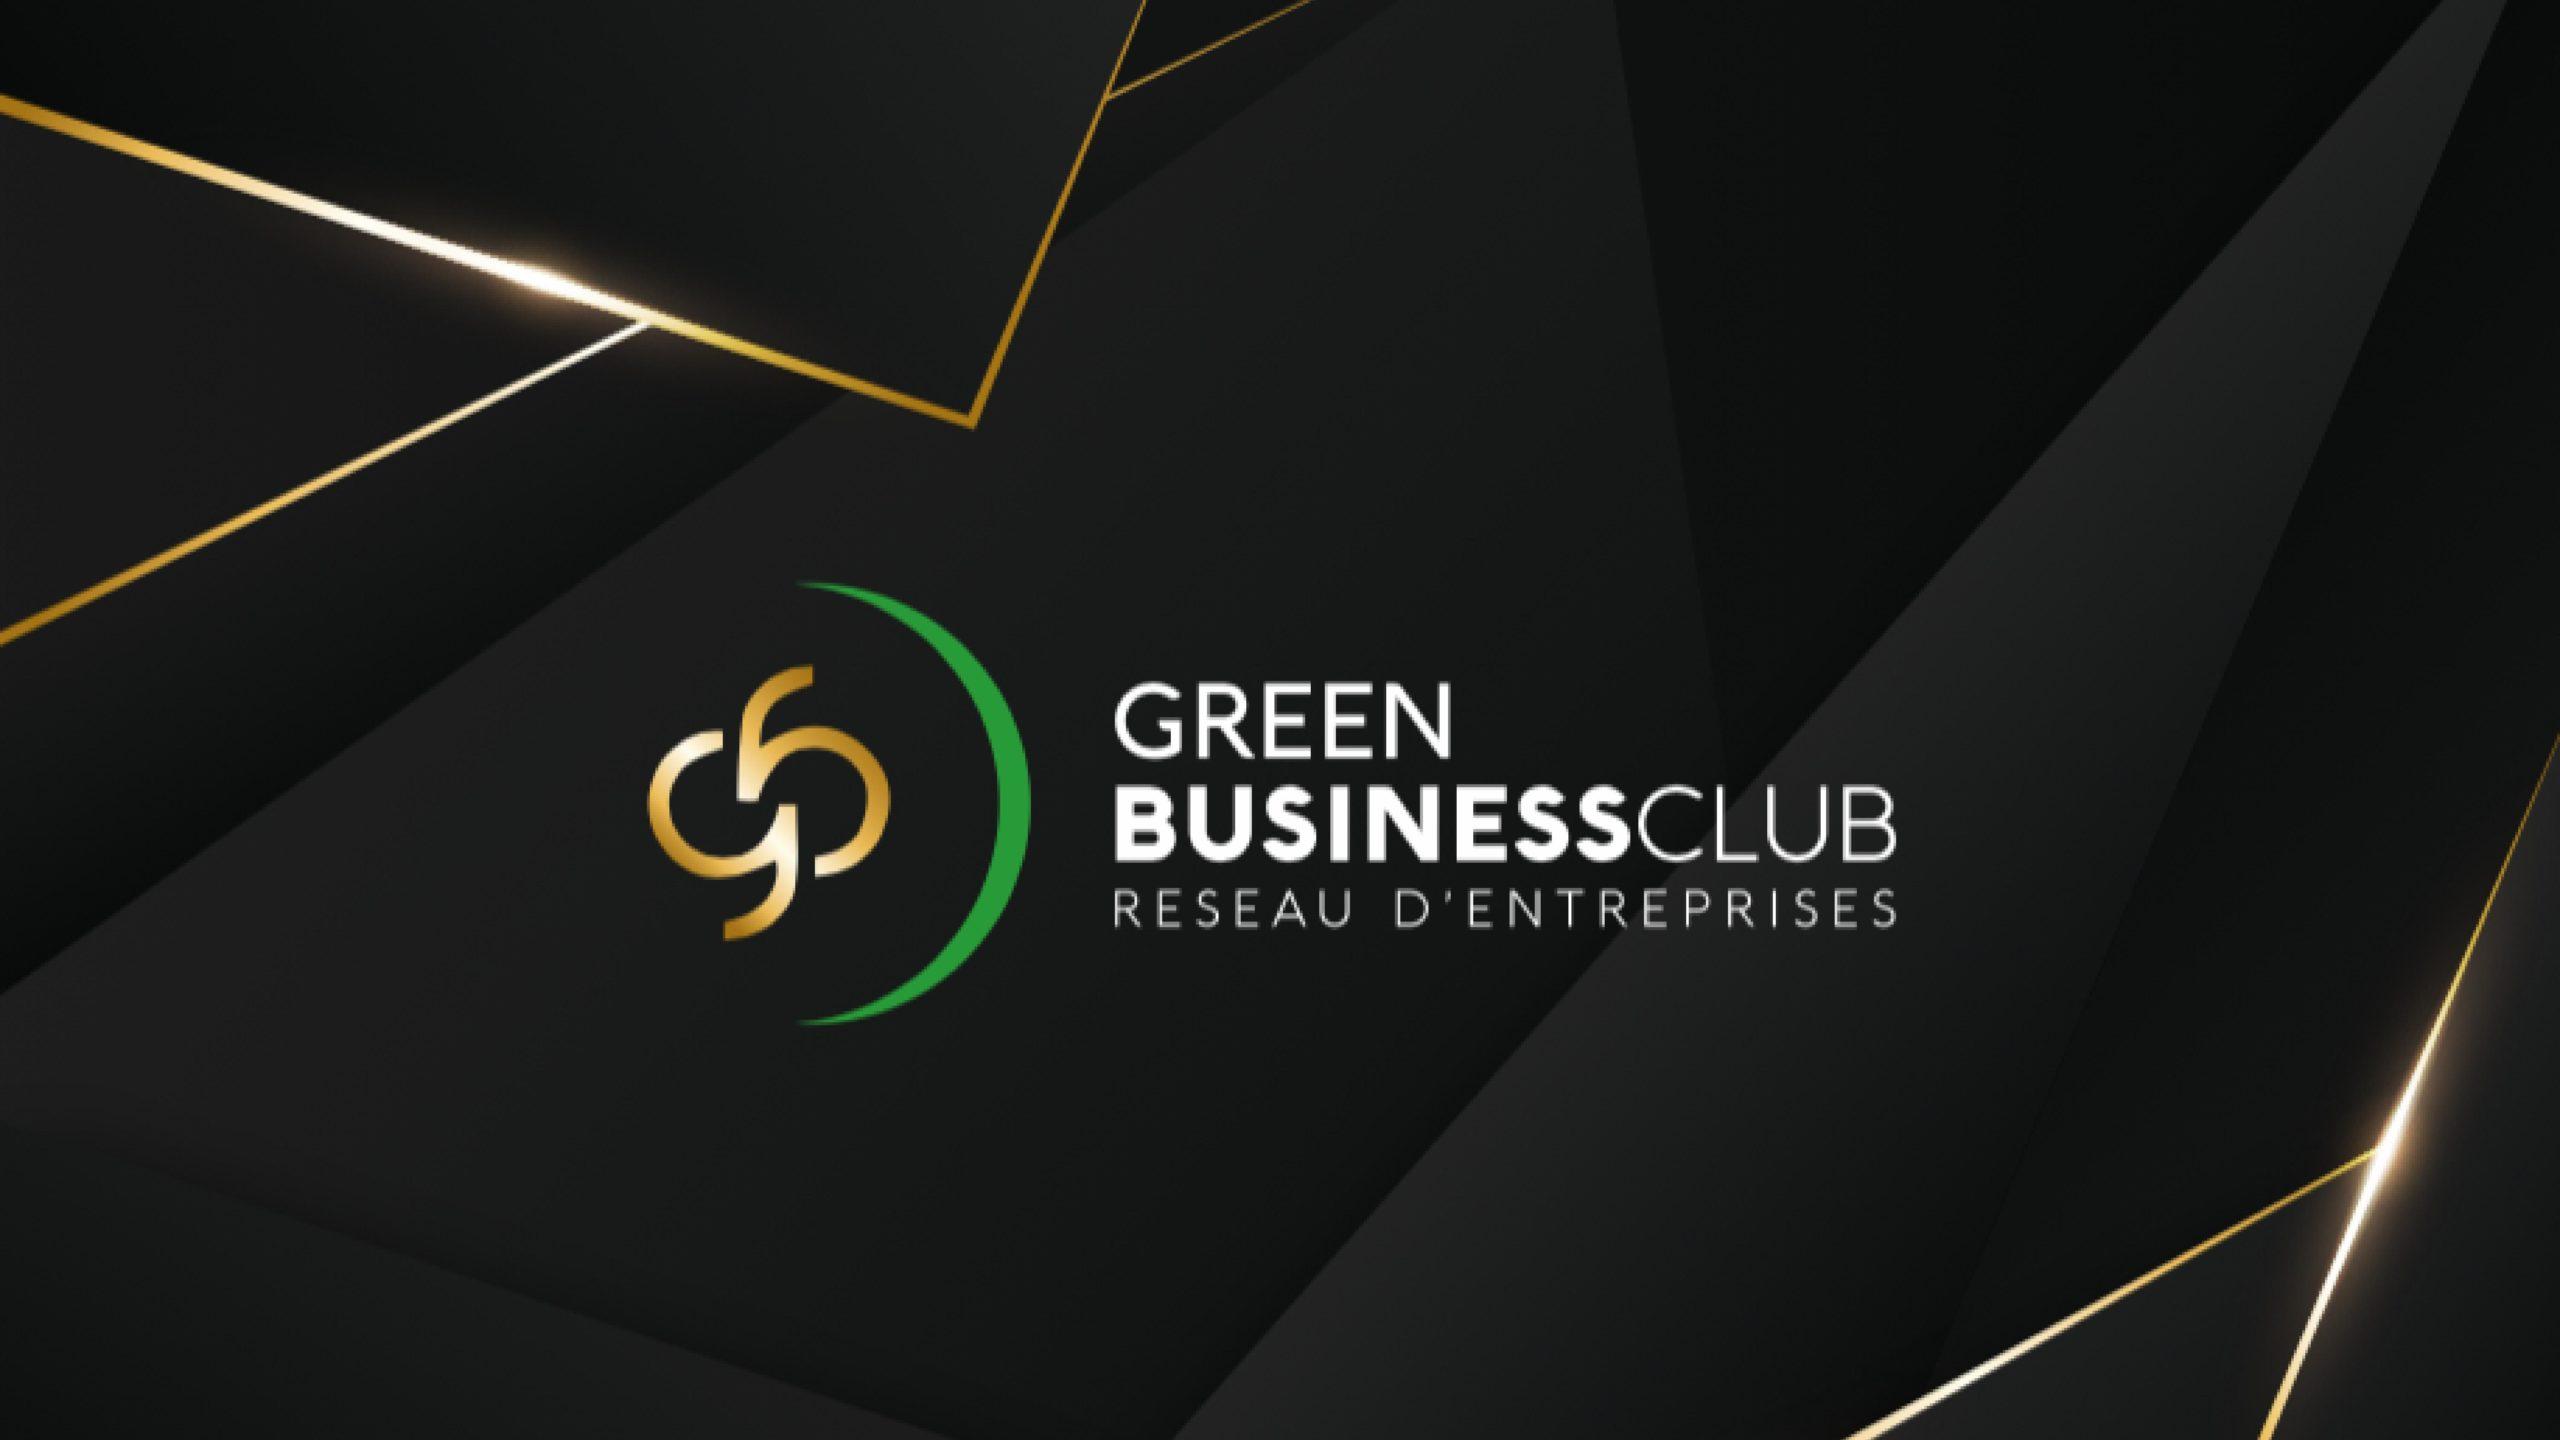 GREEN BUSINESS CLUB - Réseau d'entreprises